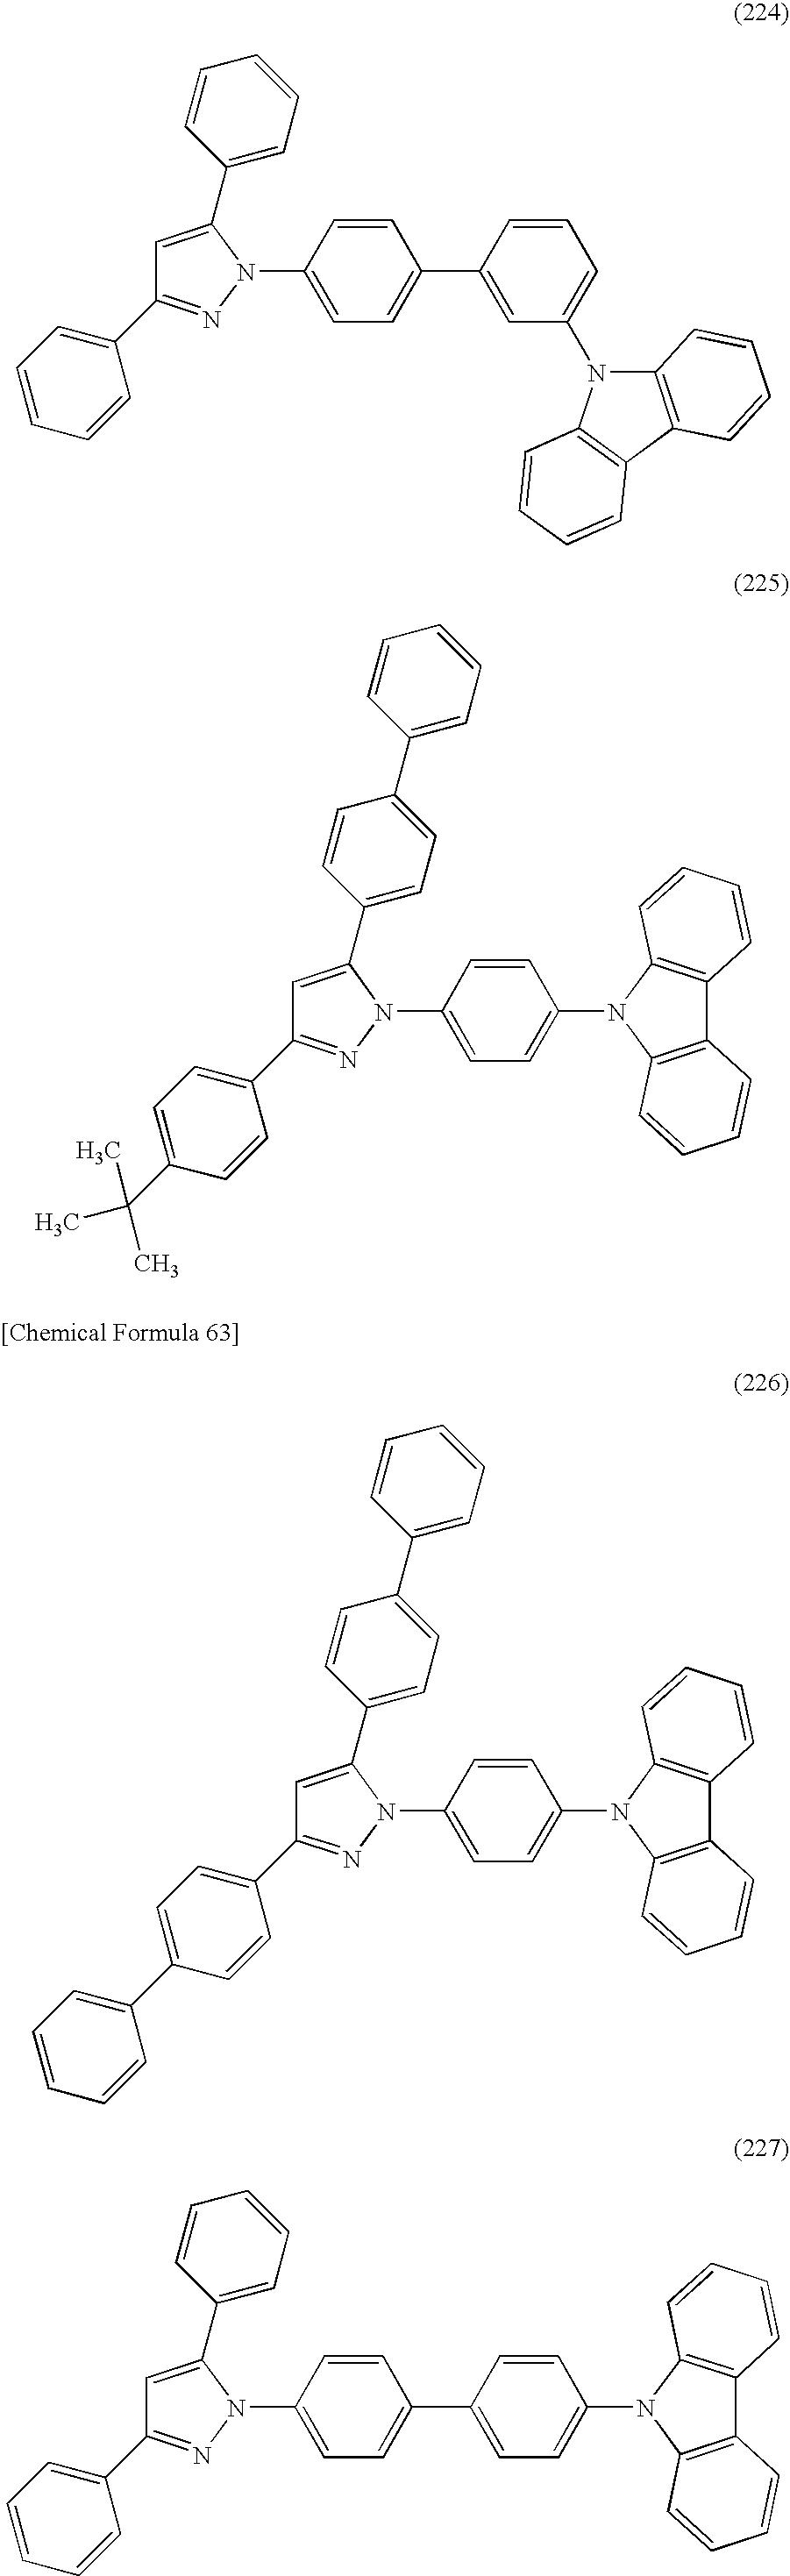 Figure US08551625-20131008-C00077